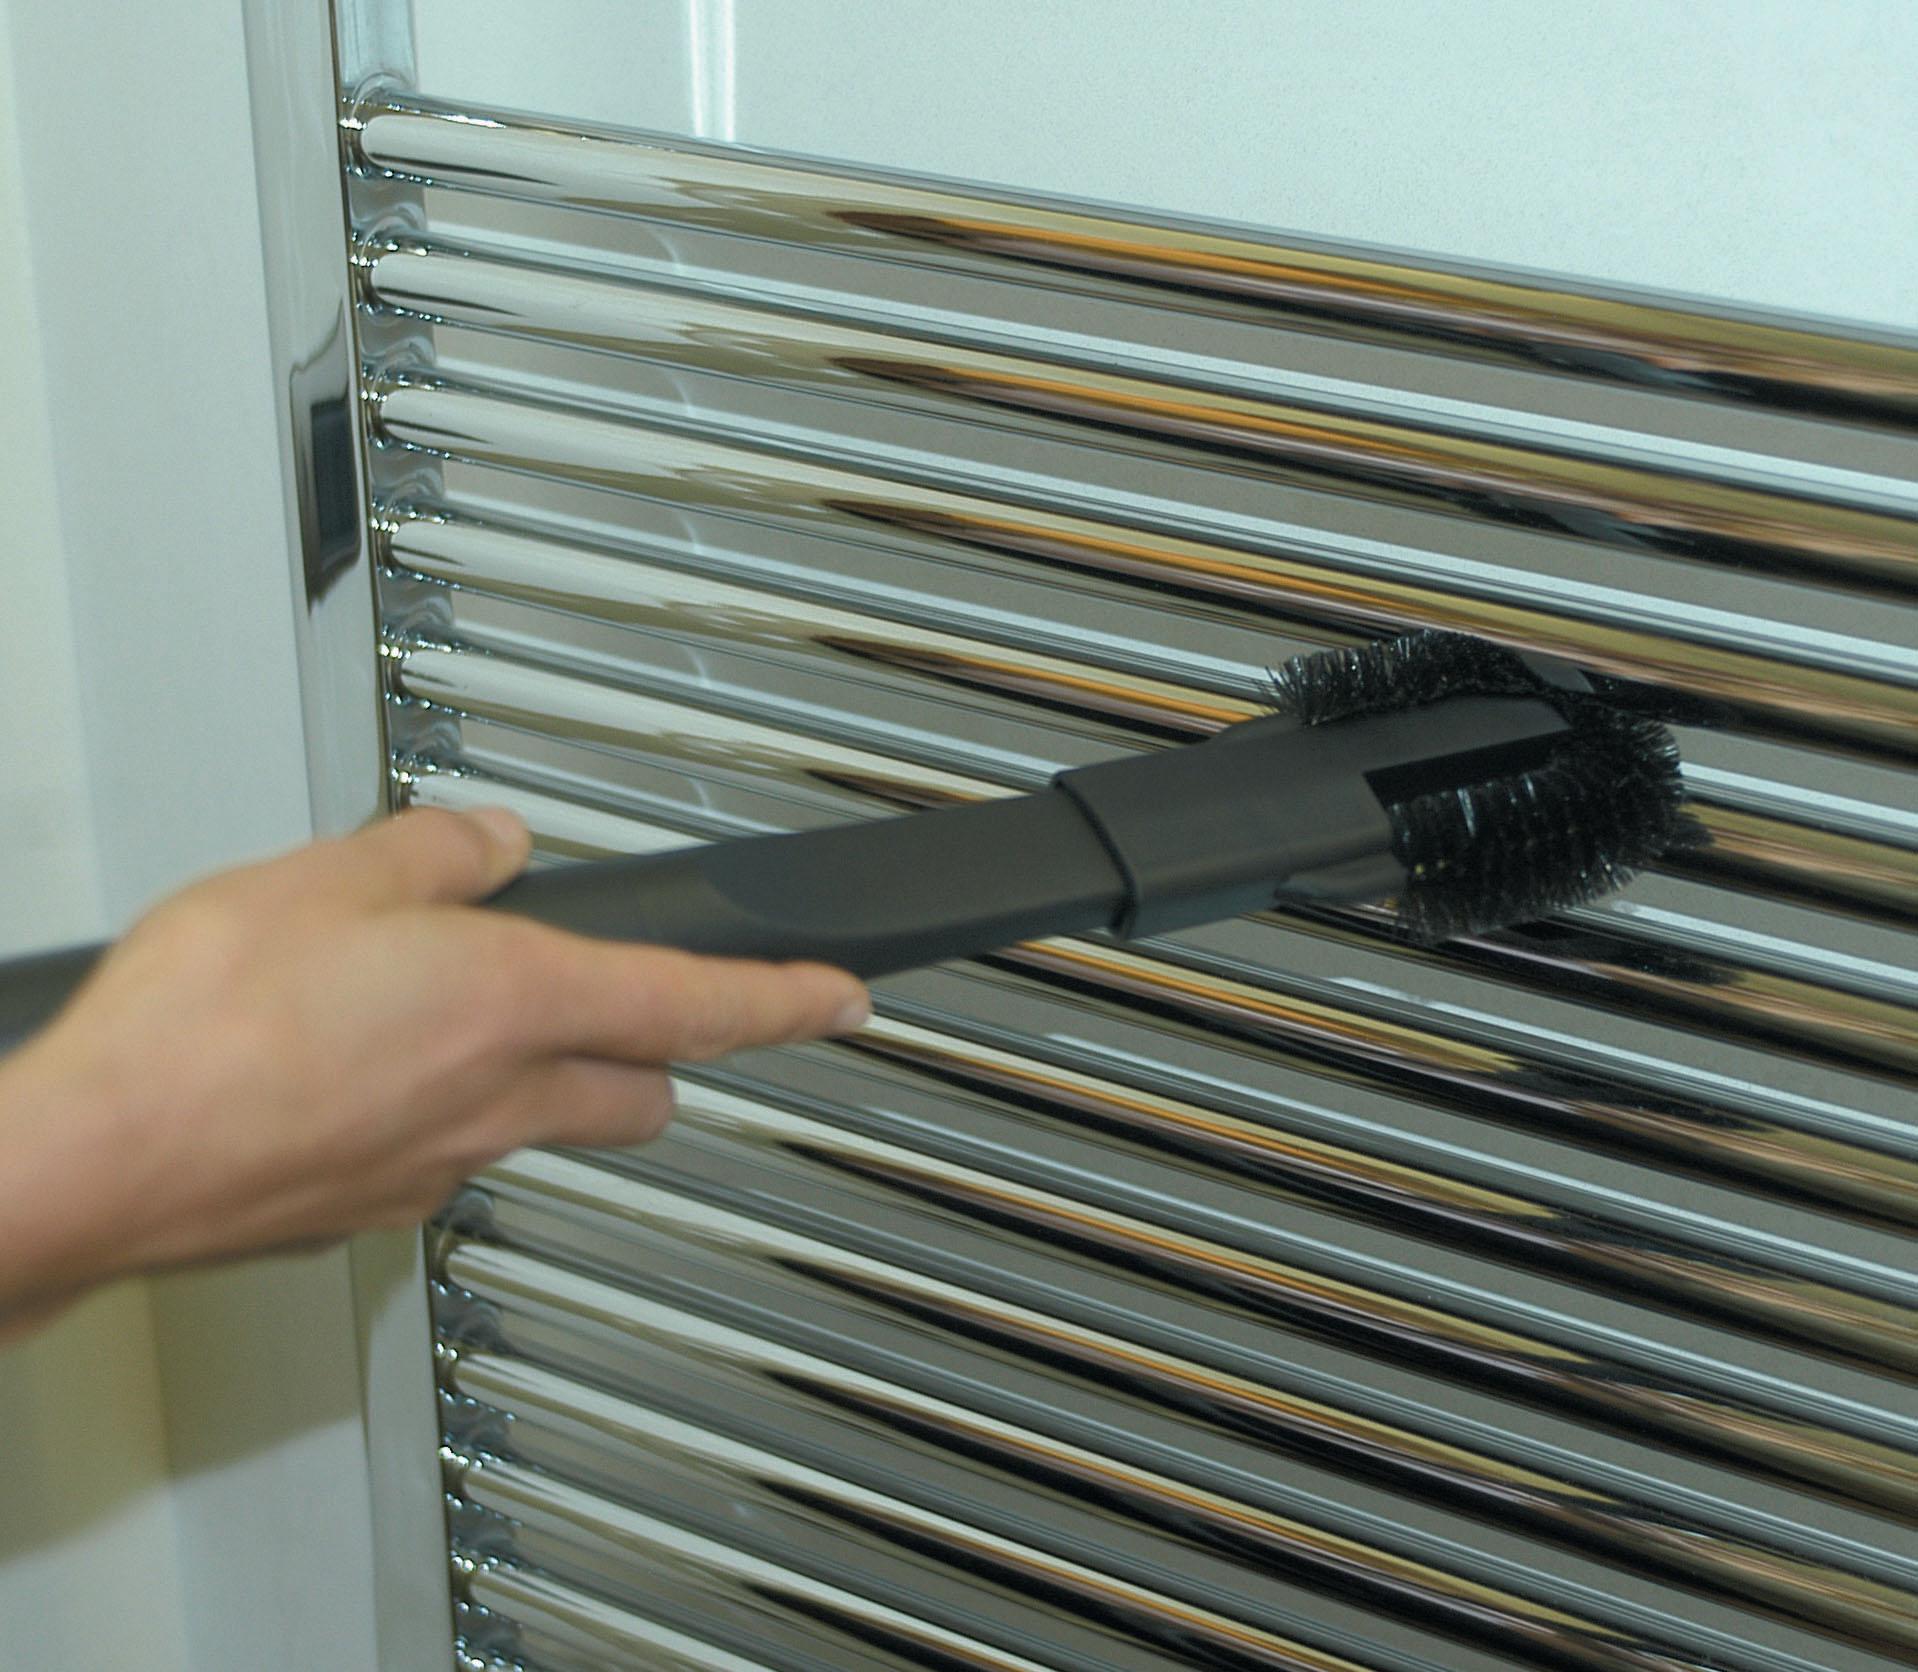 Как промыть чугунные батареи отопления в домашних условиях 25